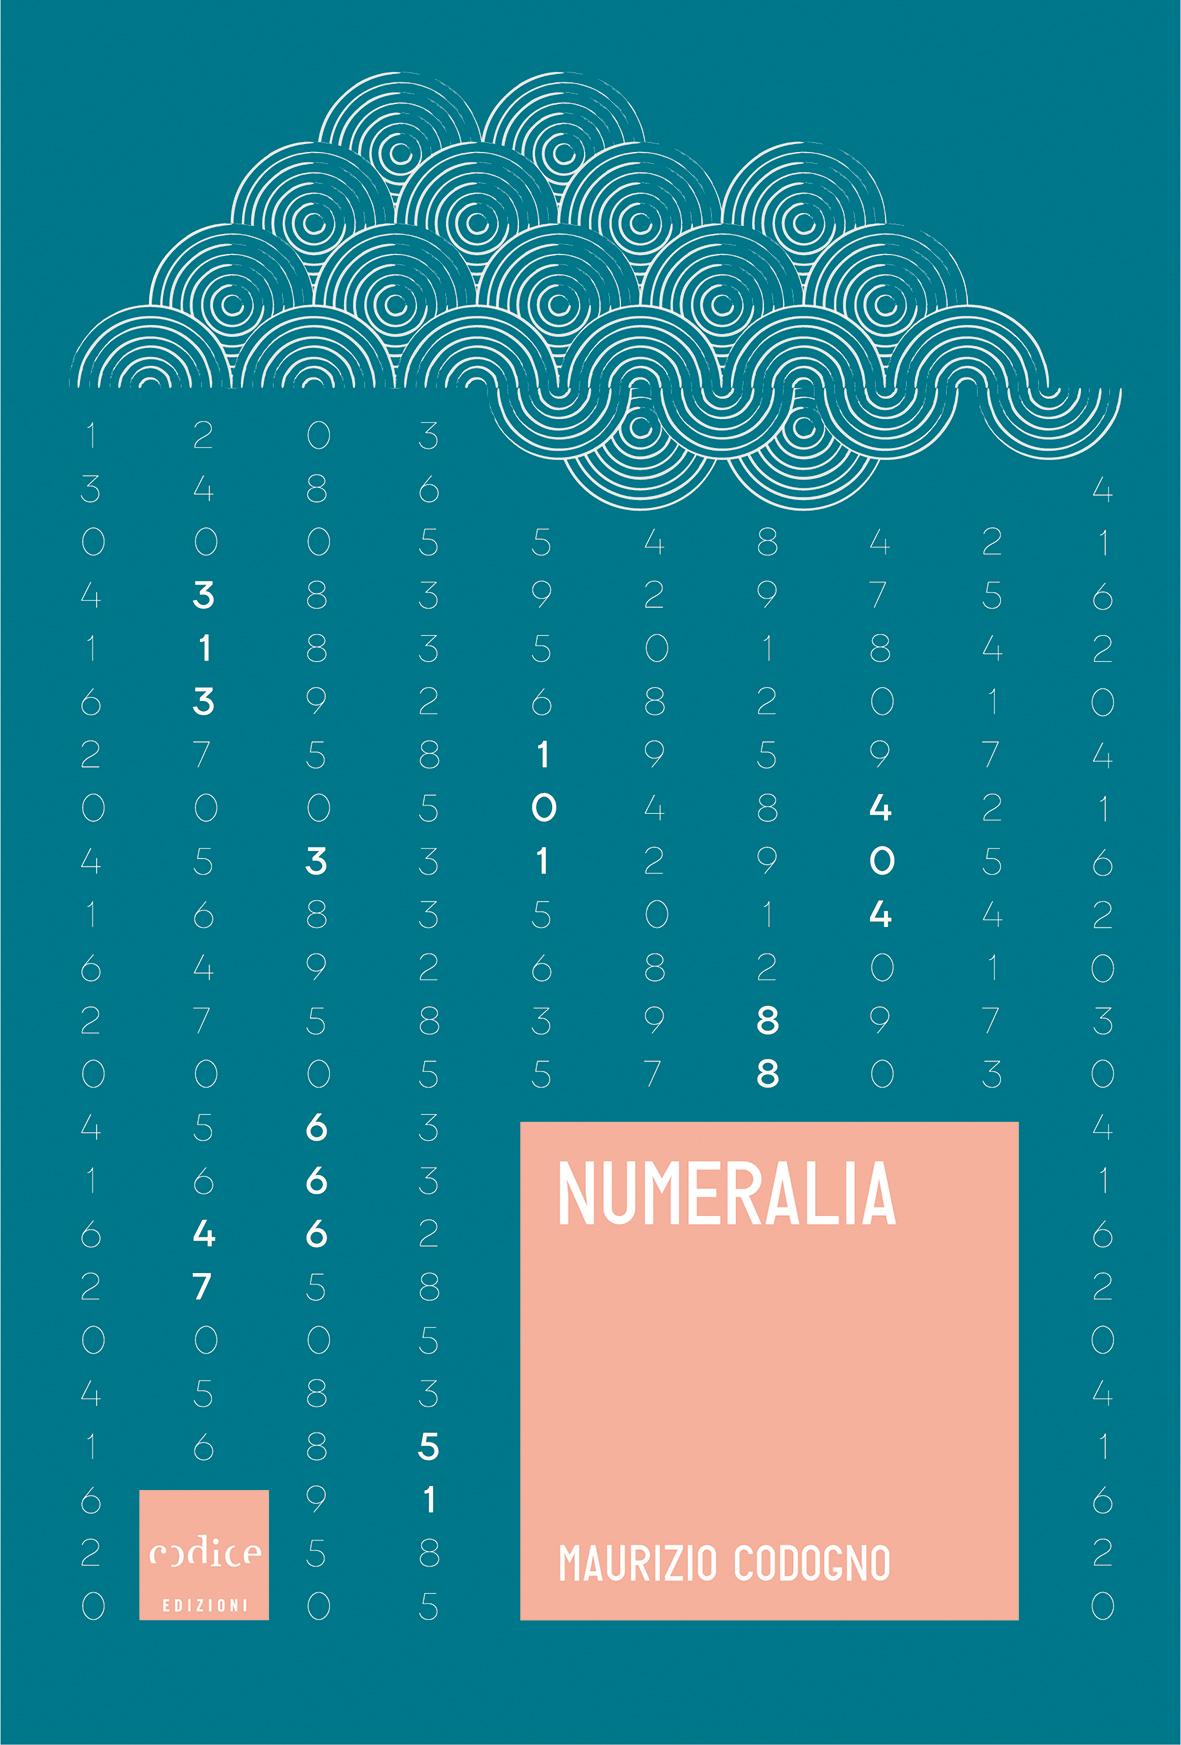 Numeralia